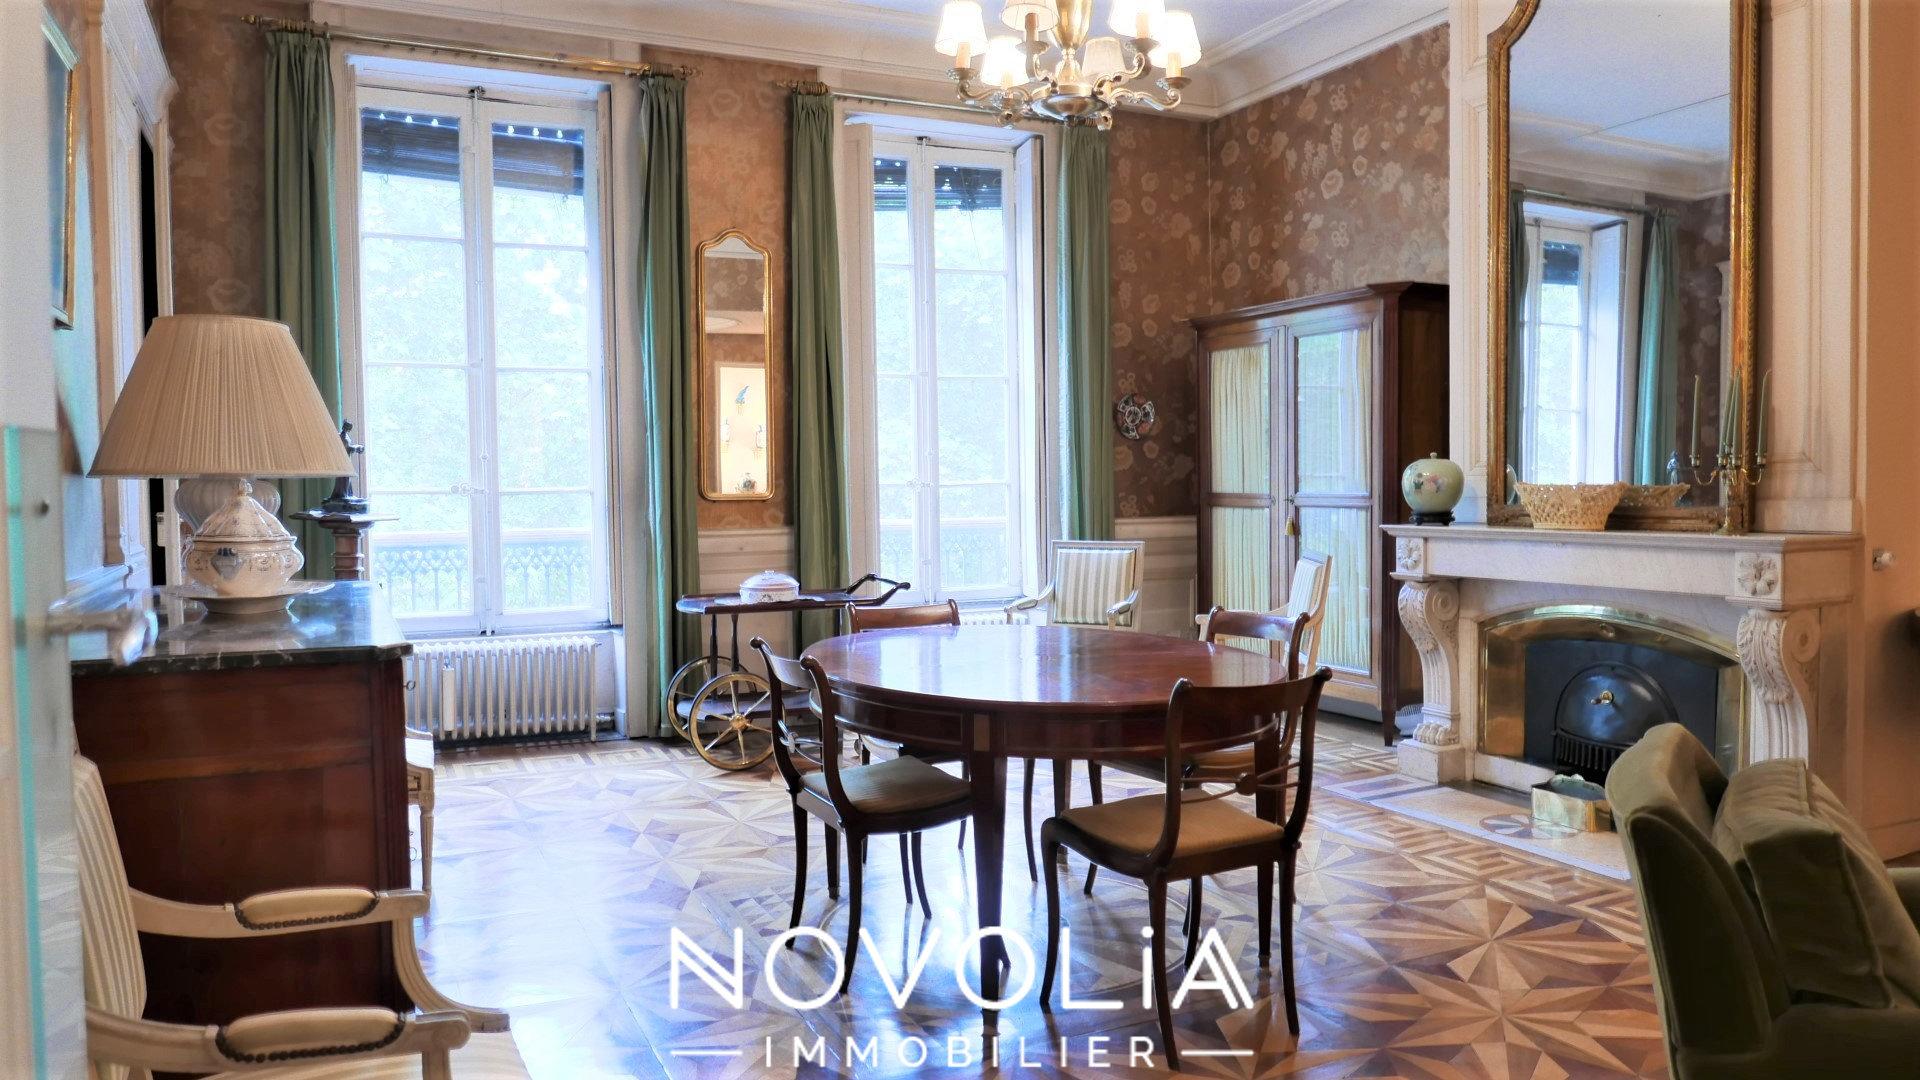 Achat Appartement Surface de 172.57 m², 6 pièces, Lyon 3ème (69003)